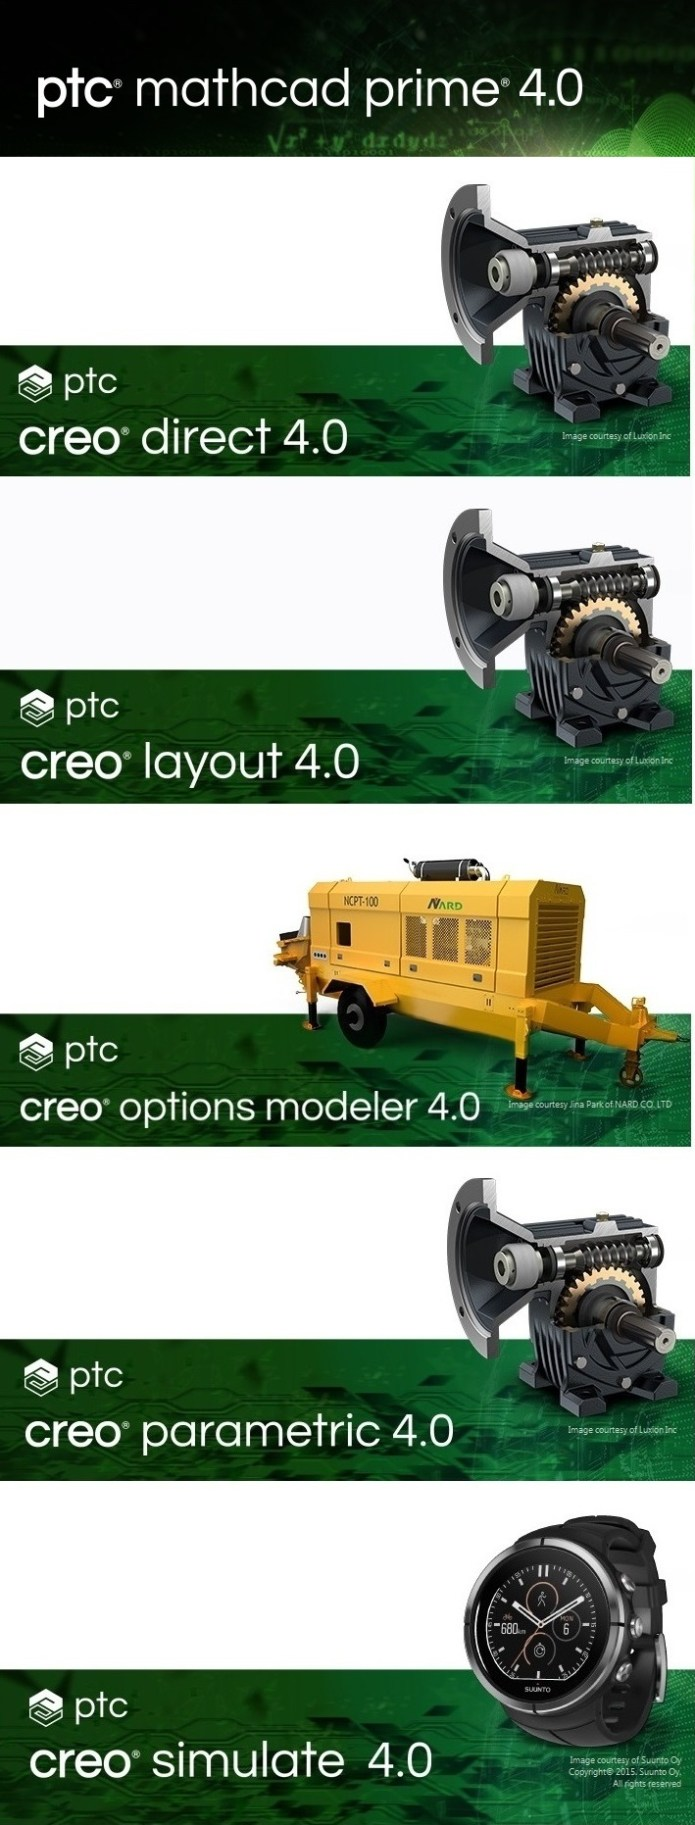 PTC Creo 4.0 M100 x64 full license